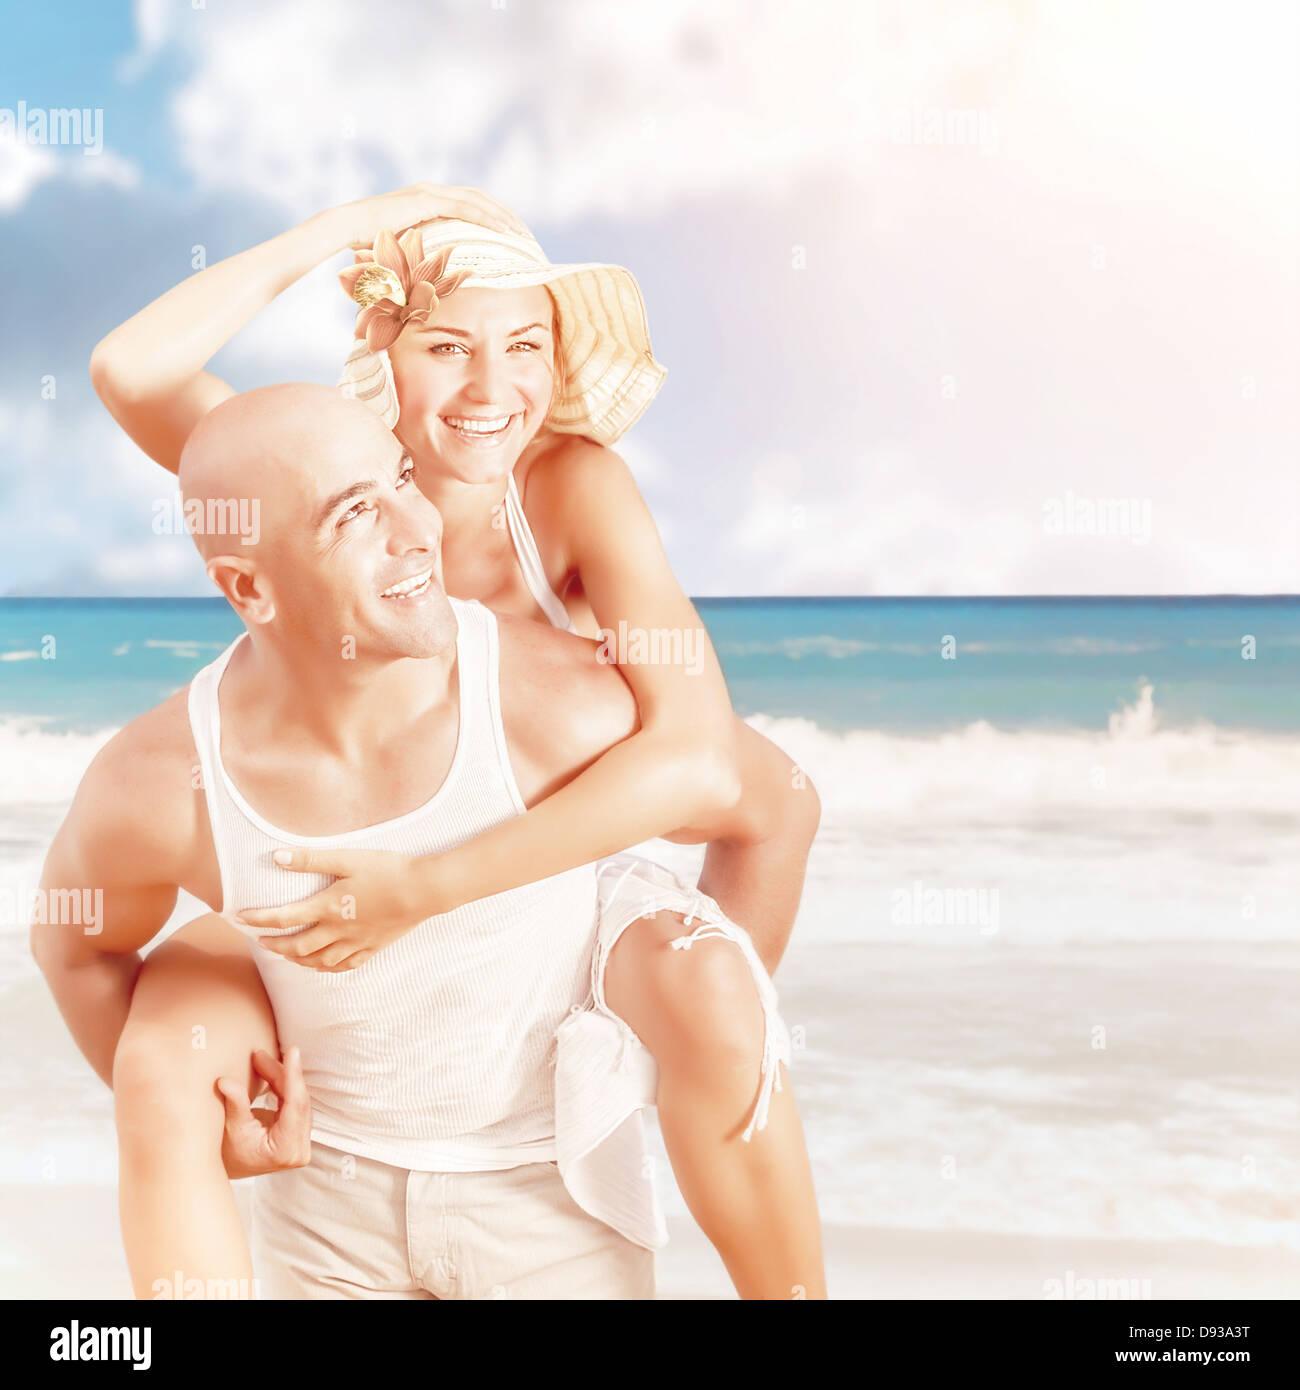 Coppia felice sulla spiaggia, uomo bello piggy back donna attraente, data romantico sulla riva del mare, luxury Foto Stock